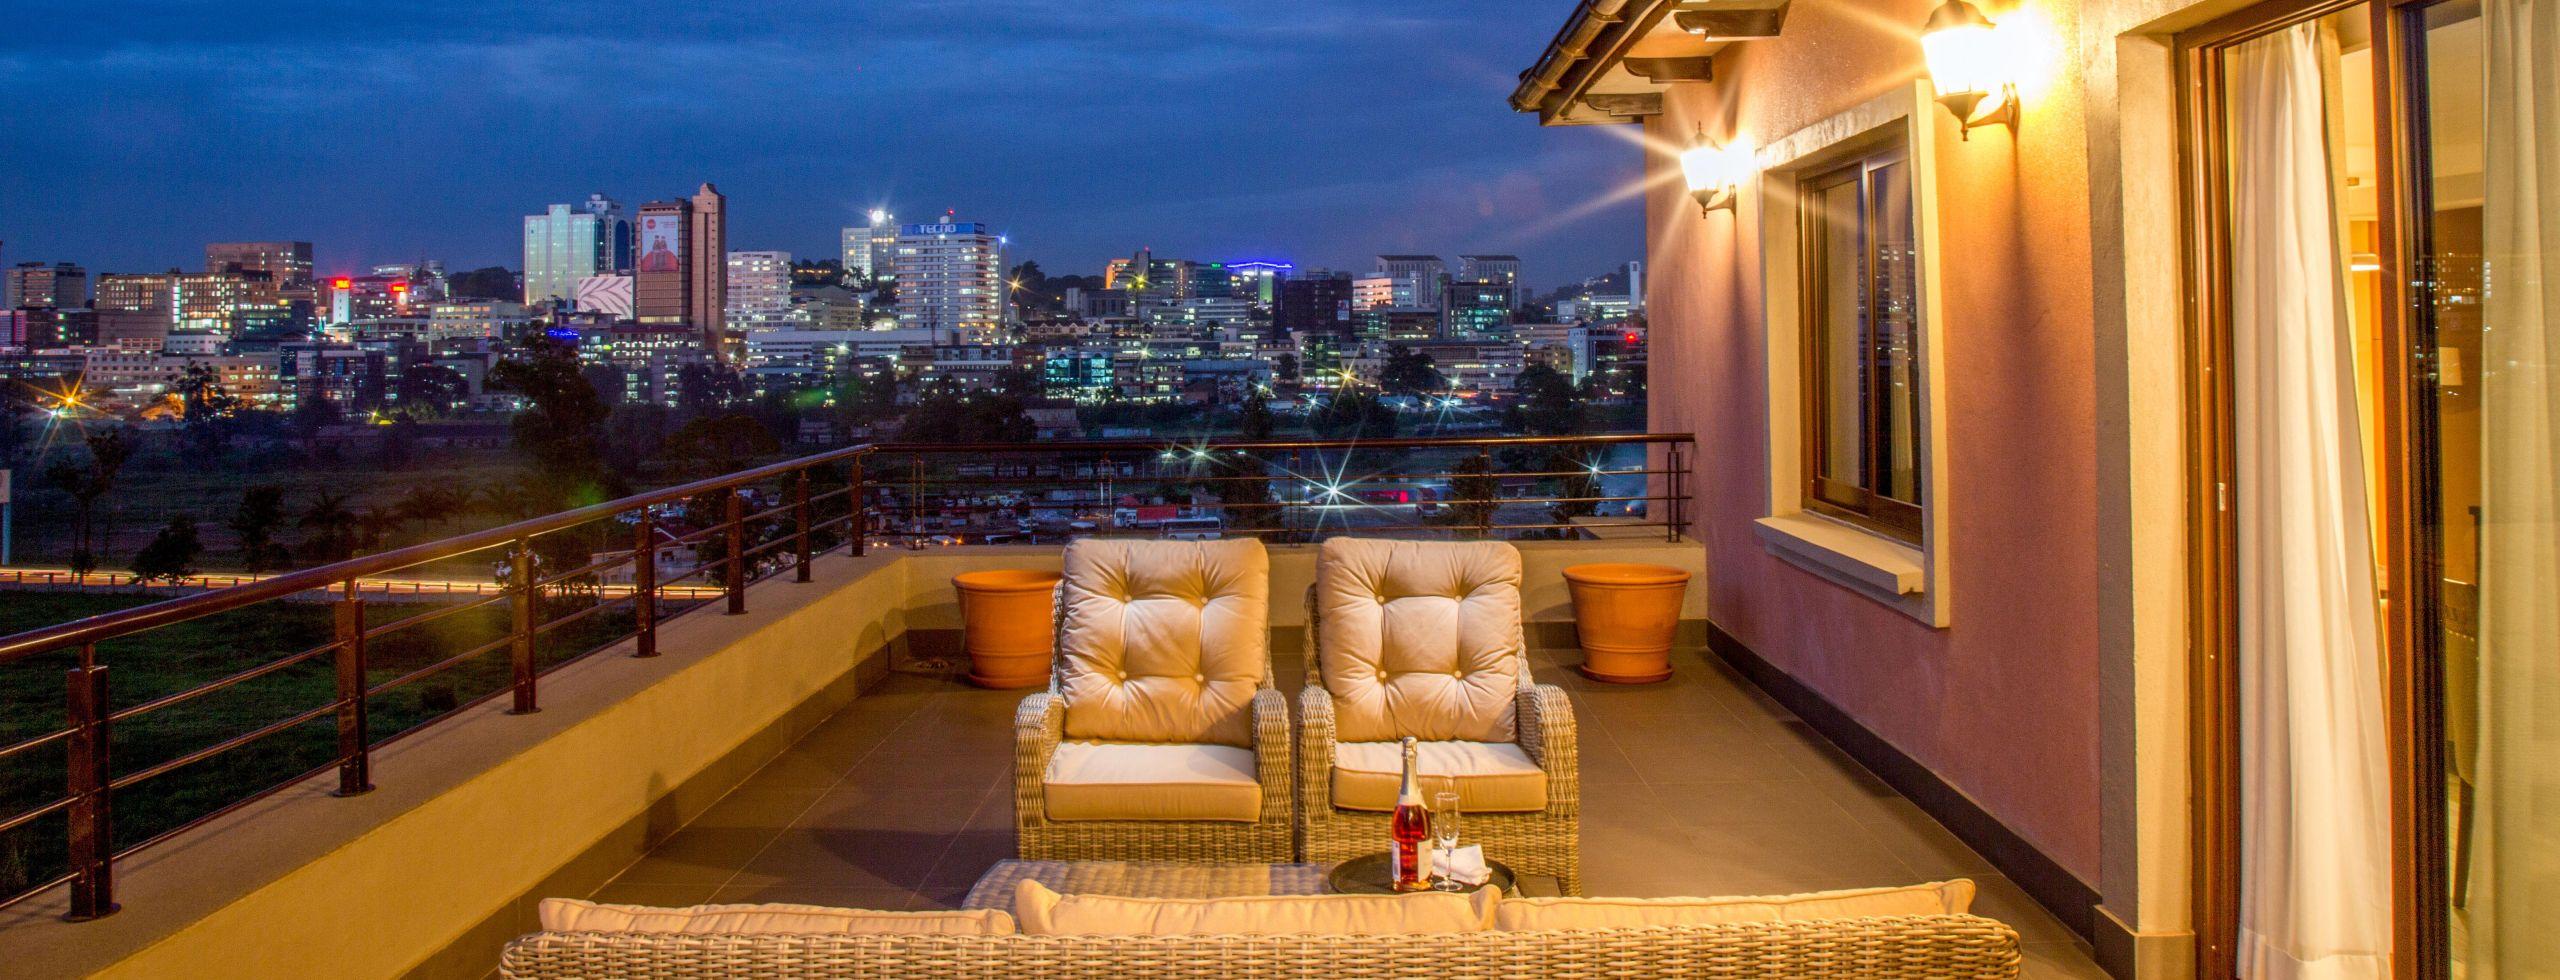 Accommodation three bed 6 balcony